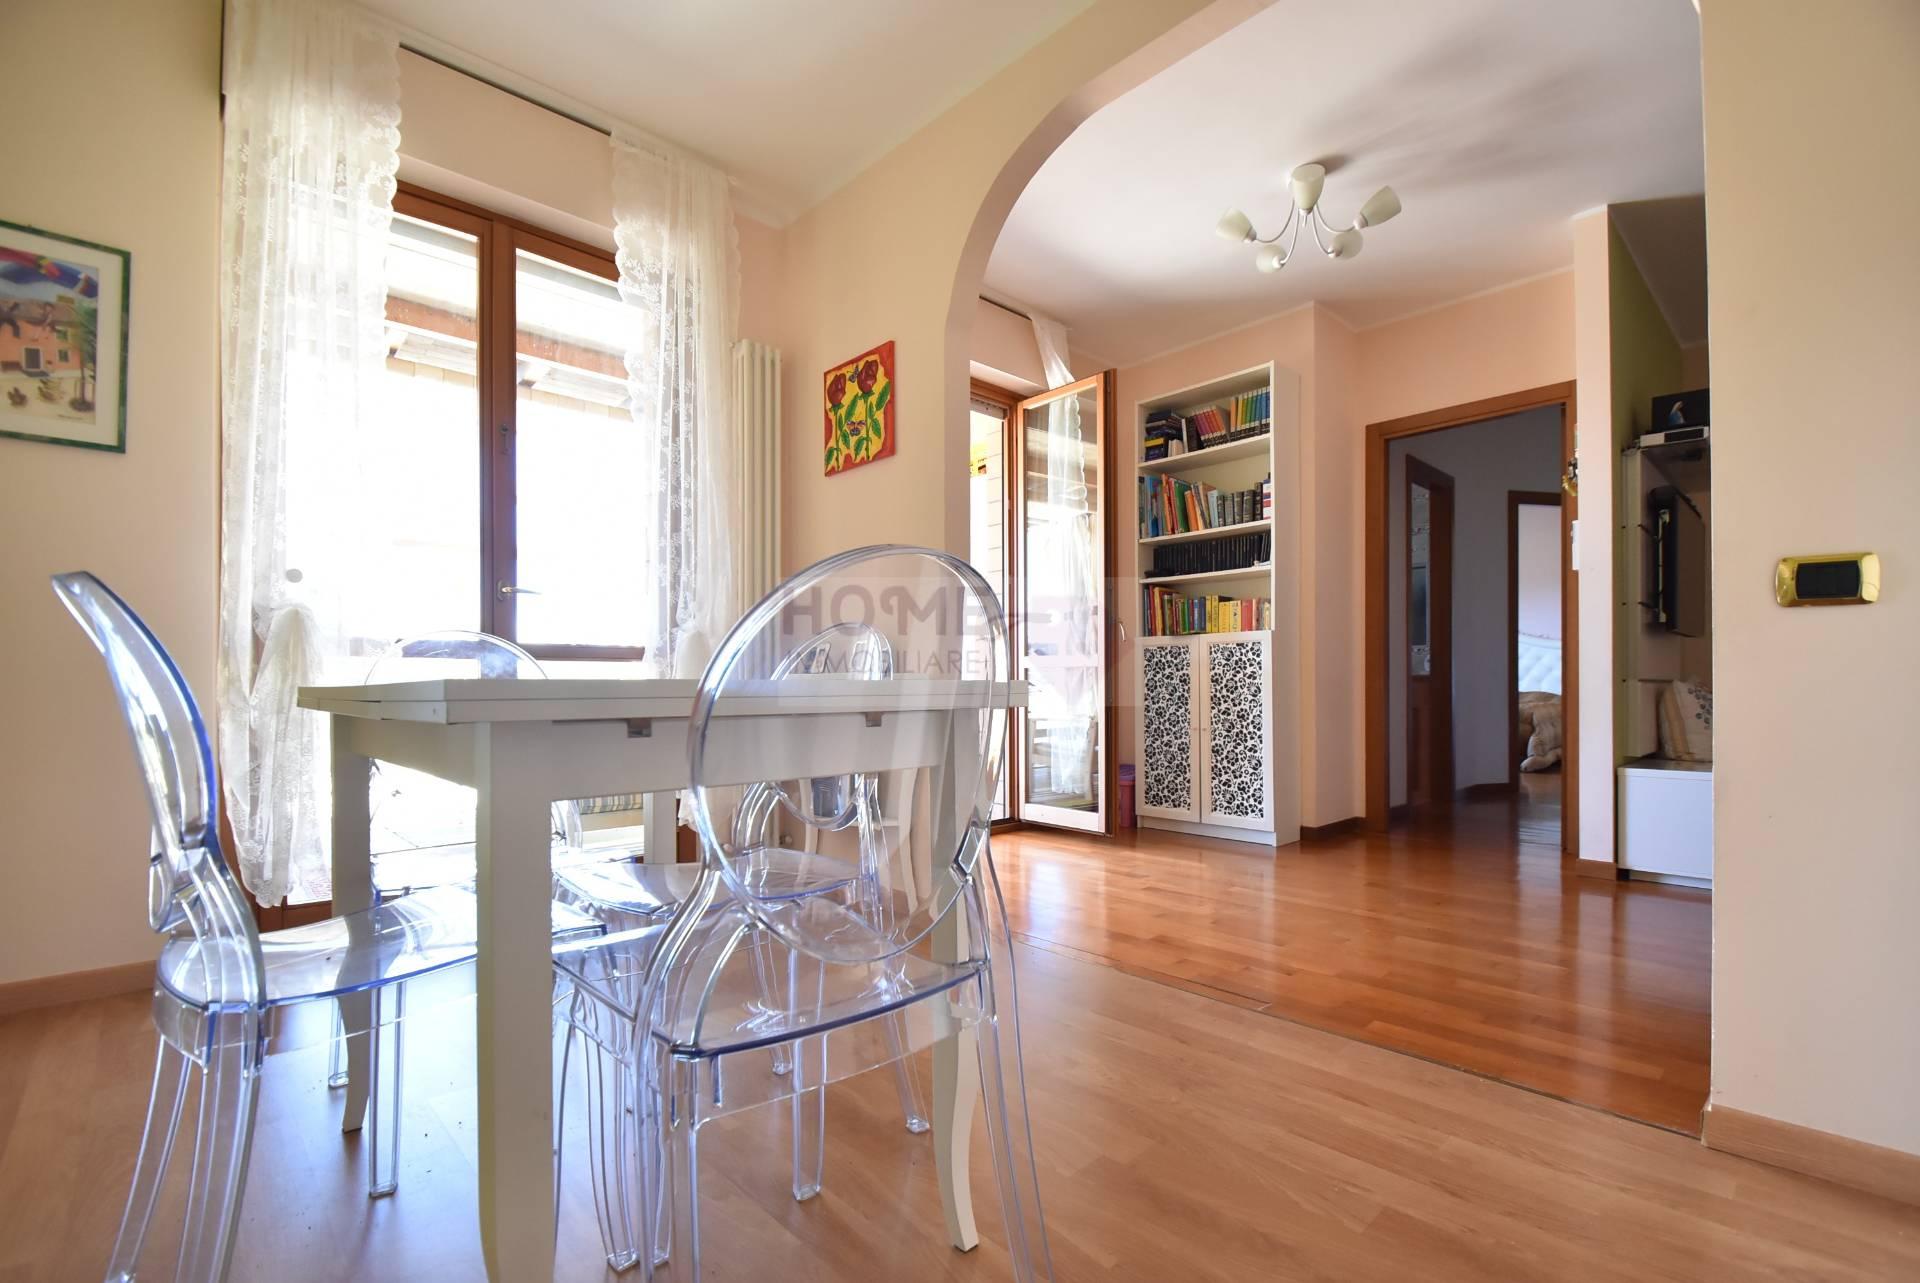 Appartamento in vendita a Macerata, 7 locali, zona Località: zonaSanFrancesco, prezzo € 210.000 | Cambio Casa.it